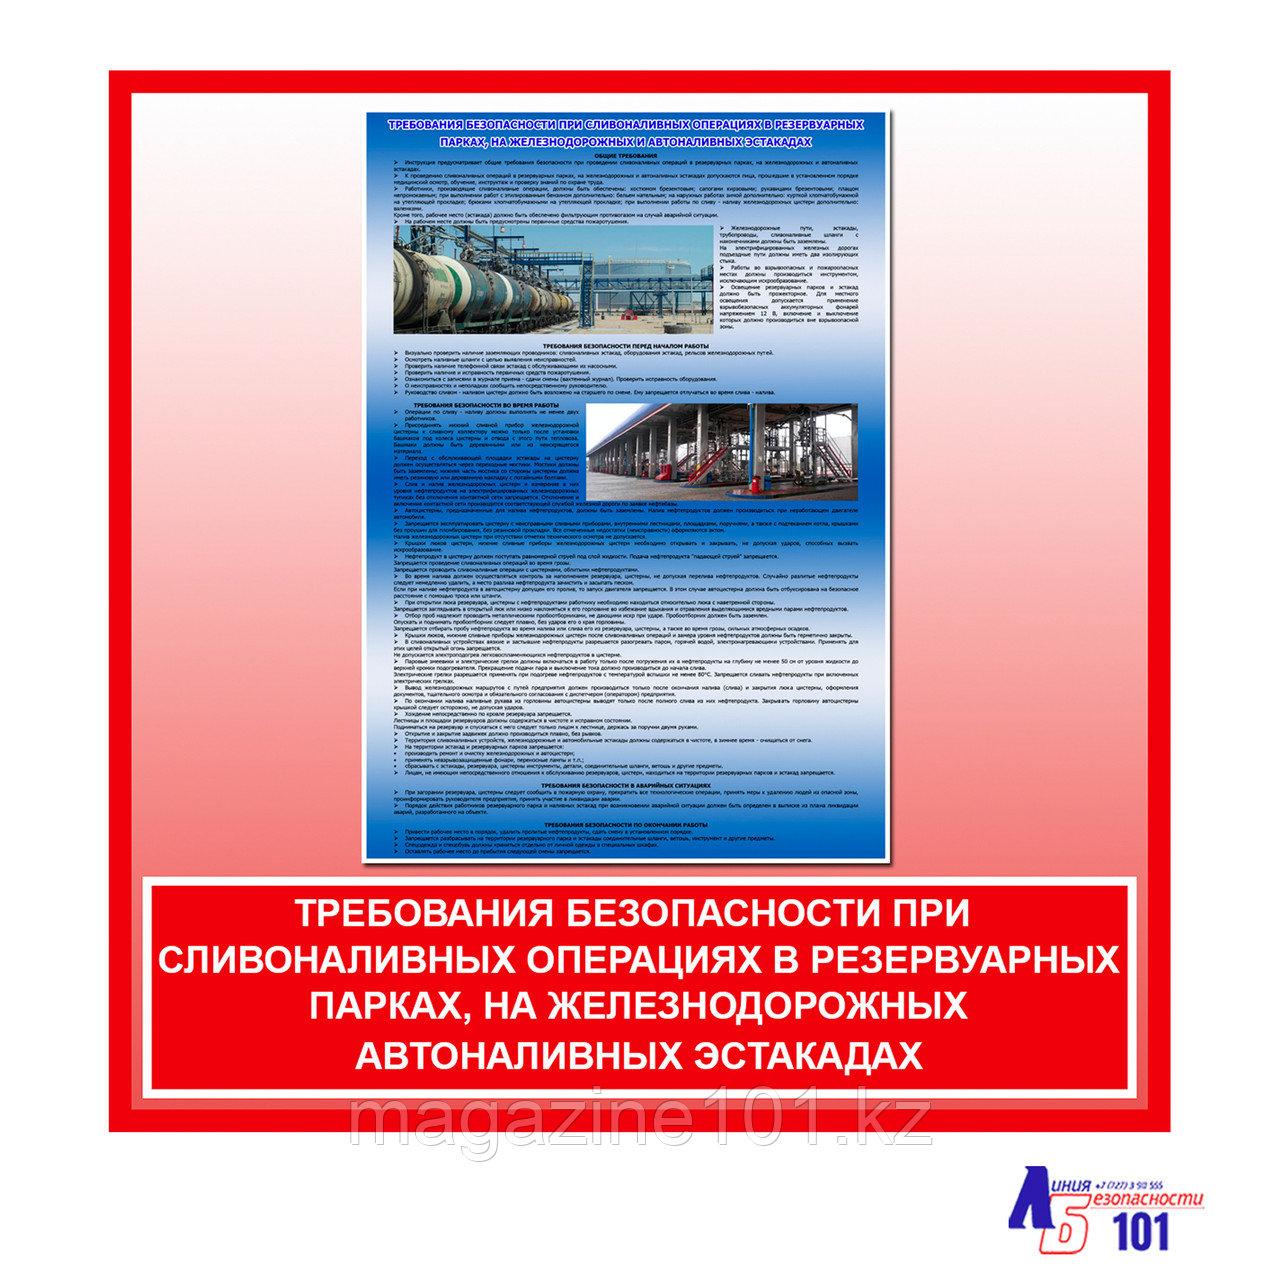 """Плакат """"Требования безопасности при сливоналивных операциях в резервуарных парках, на железнодорожных ..."""""""